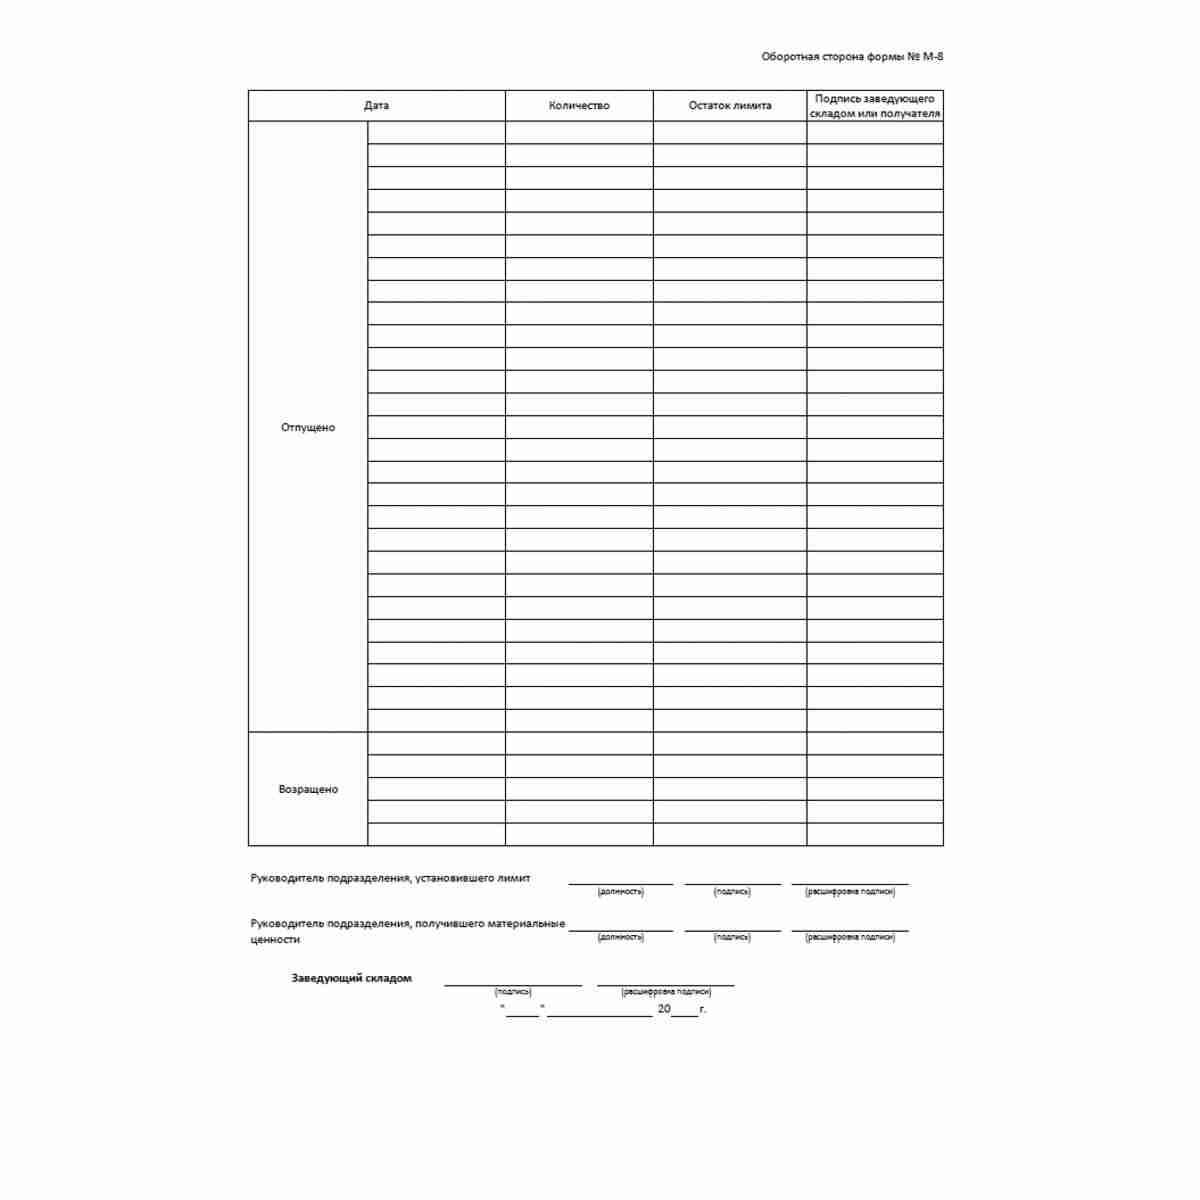 """Унифицированная форма первичной учетной документации Типовая межотраслевая форма № М-8 """"Лимитно-заборная карта"""" (ОКУД 0315005). Оборотная сторона."""